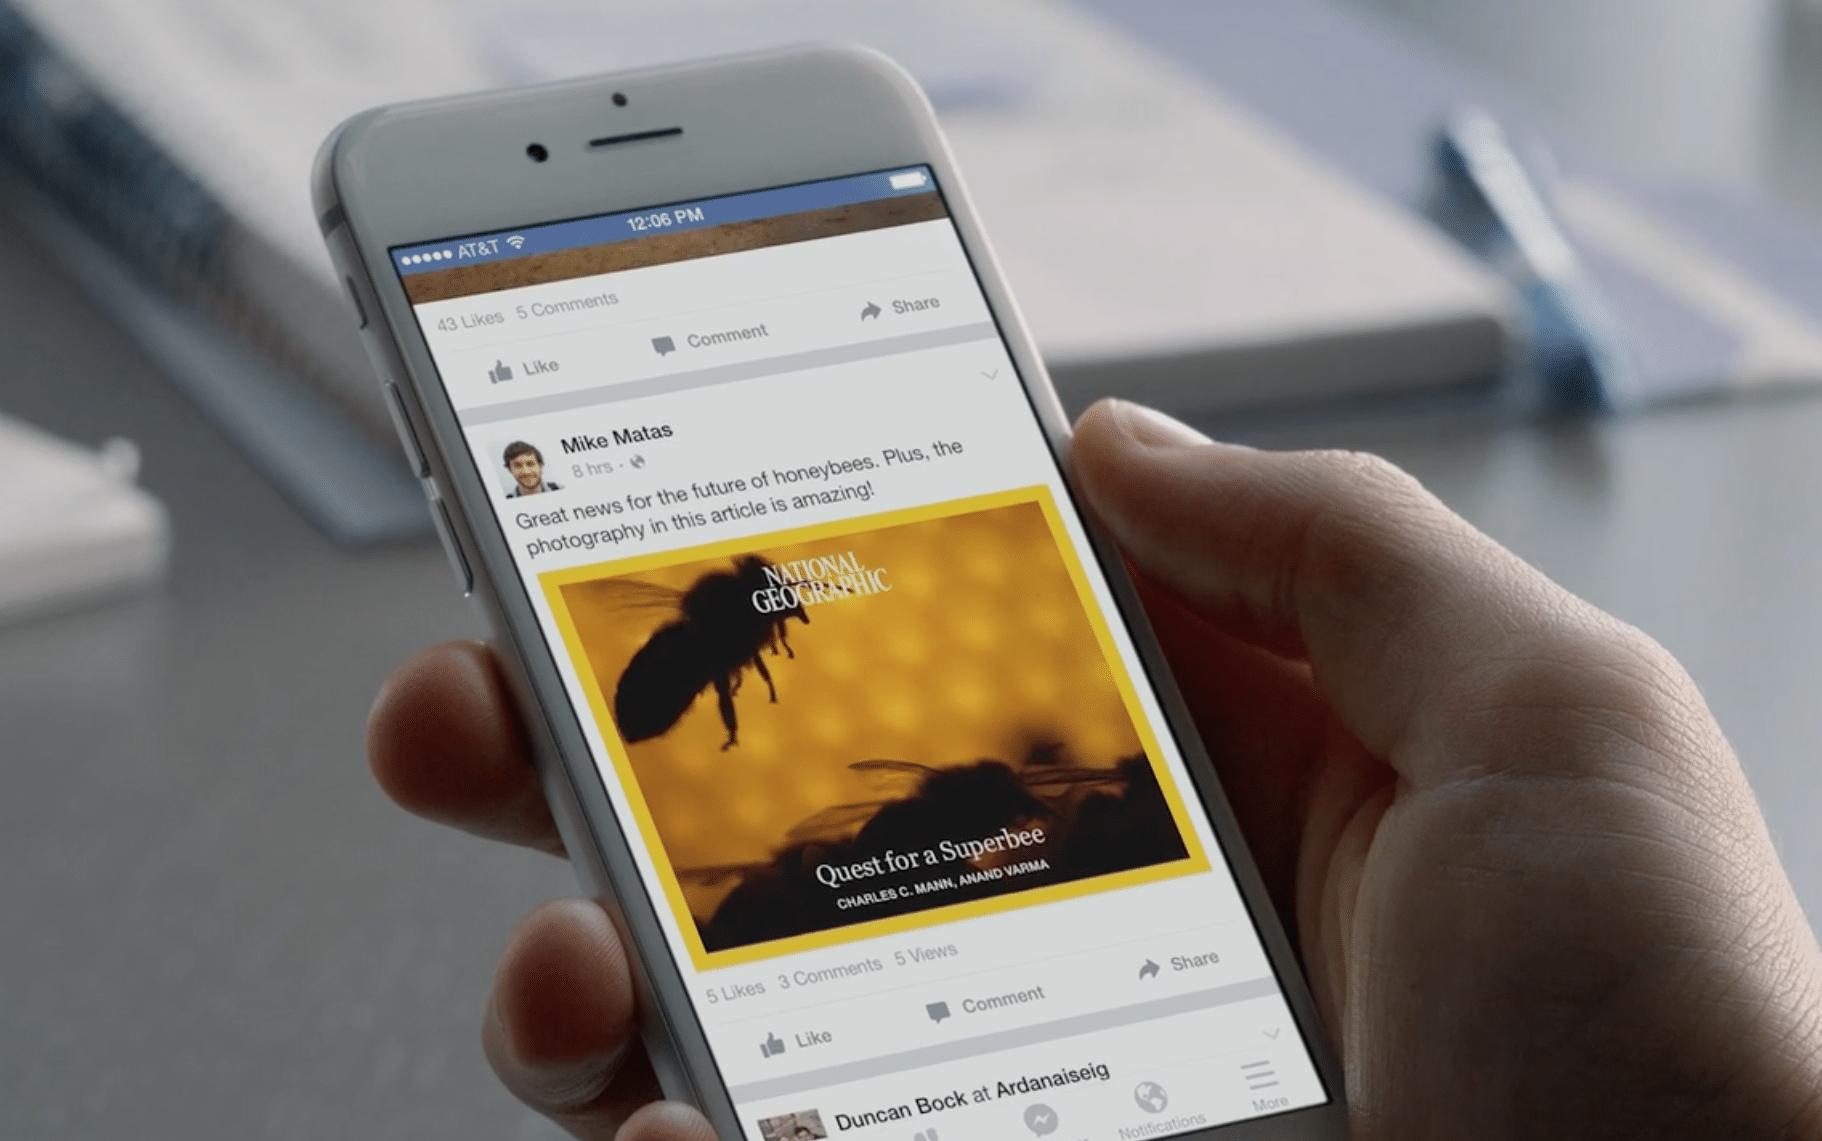 Instant Articles starten am 12.4.2016 bei Facebook. Gerade für Mobiltelefone sind diese Artikel dann optimiert und bringen ein neues Leseerlebnis.